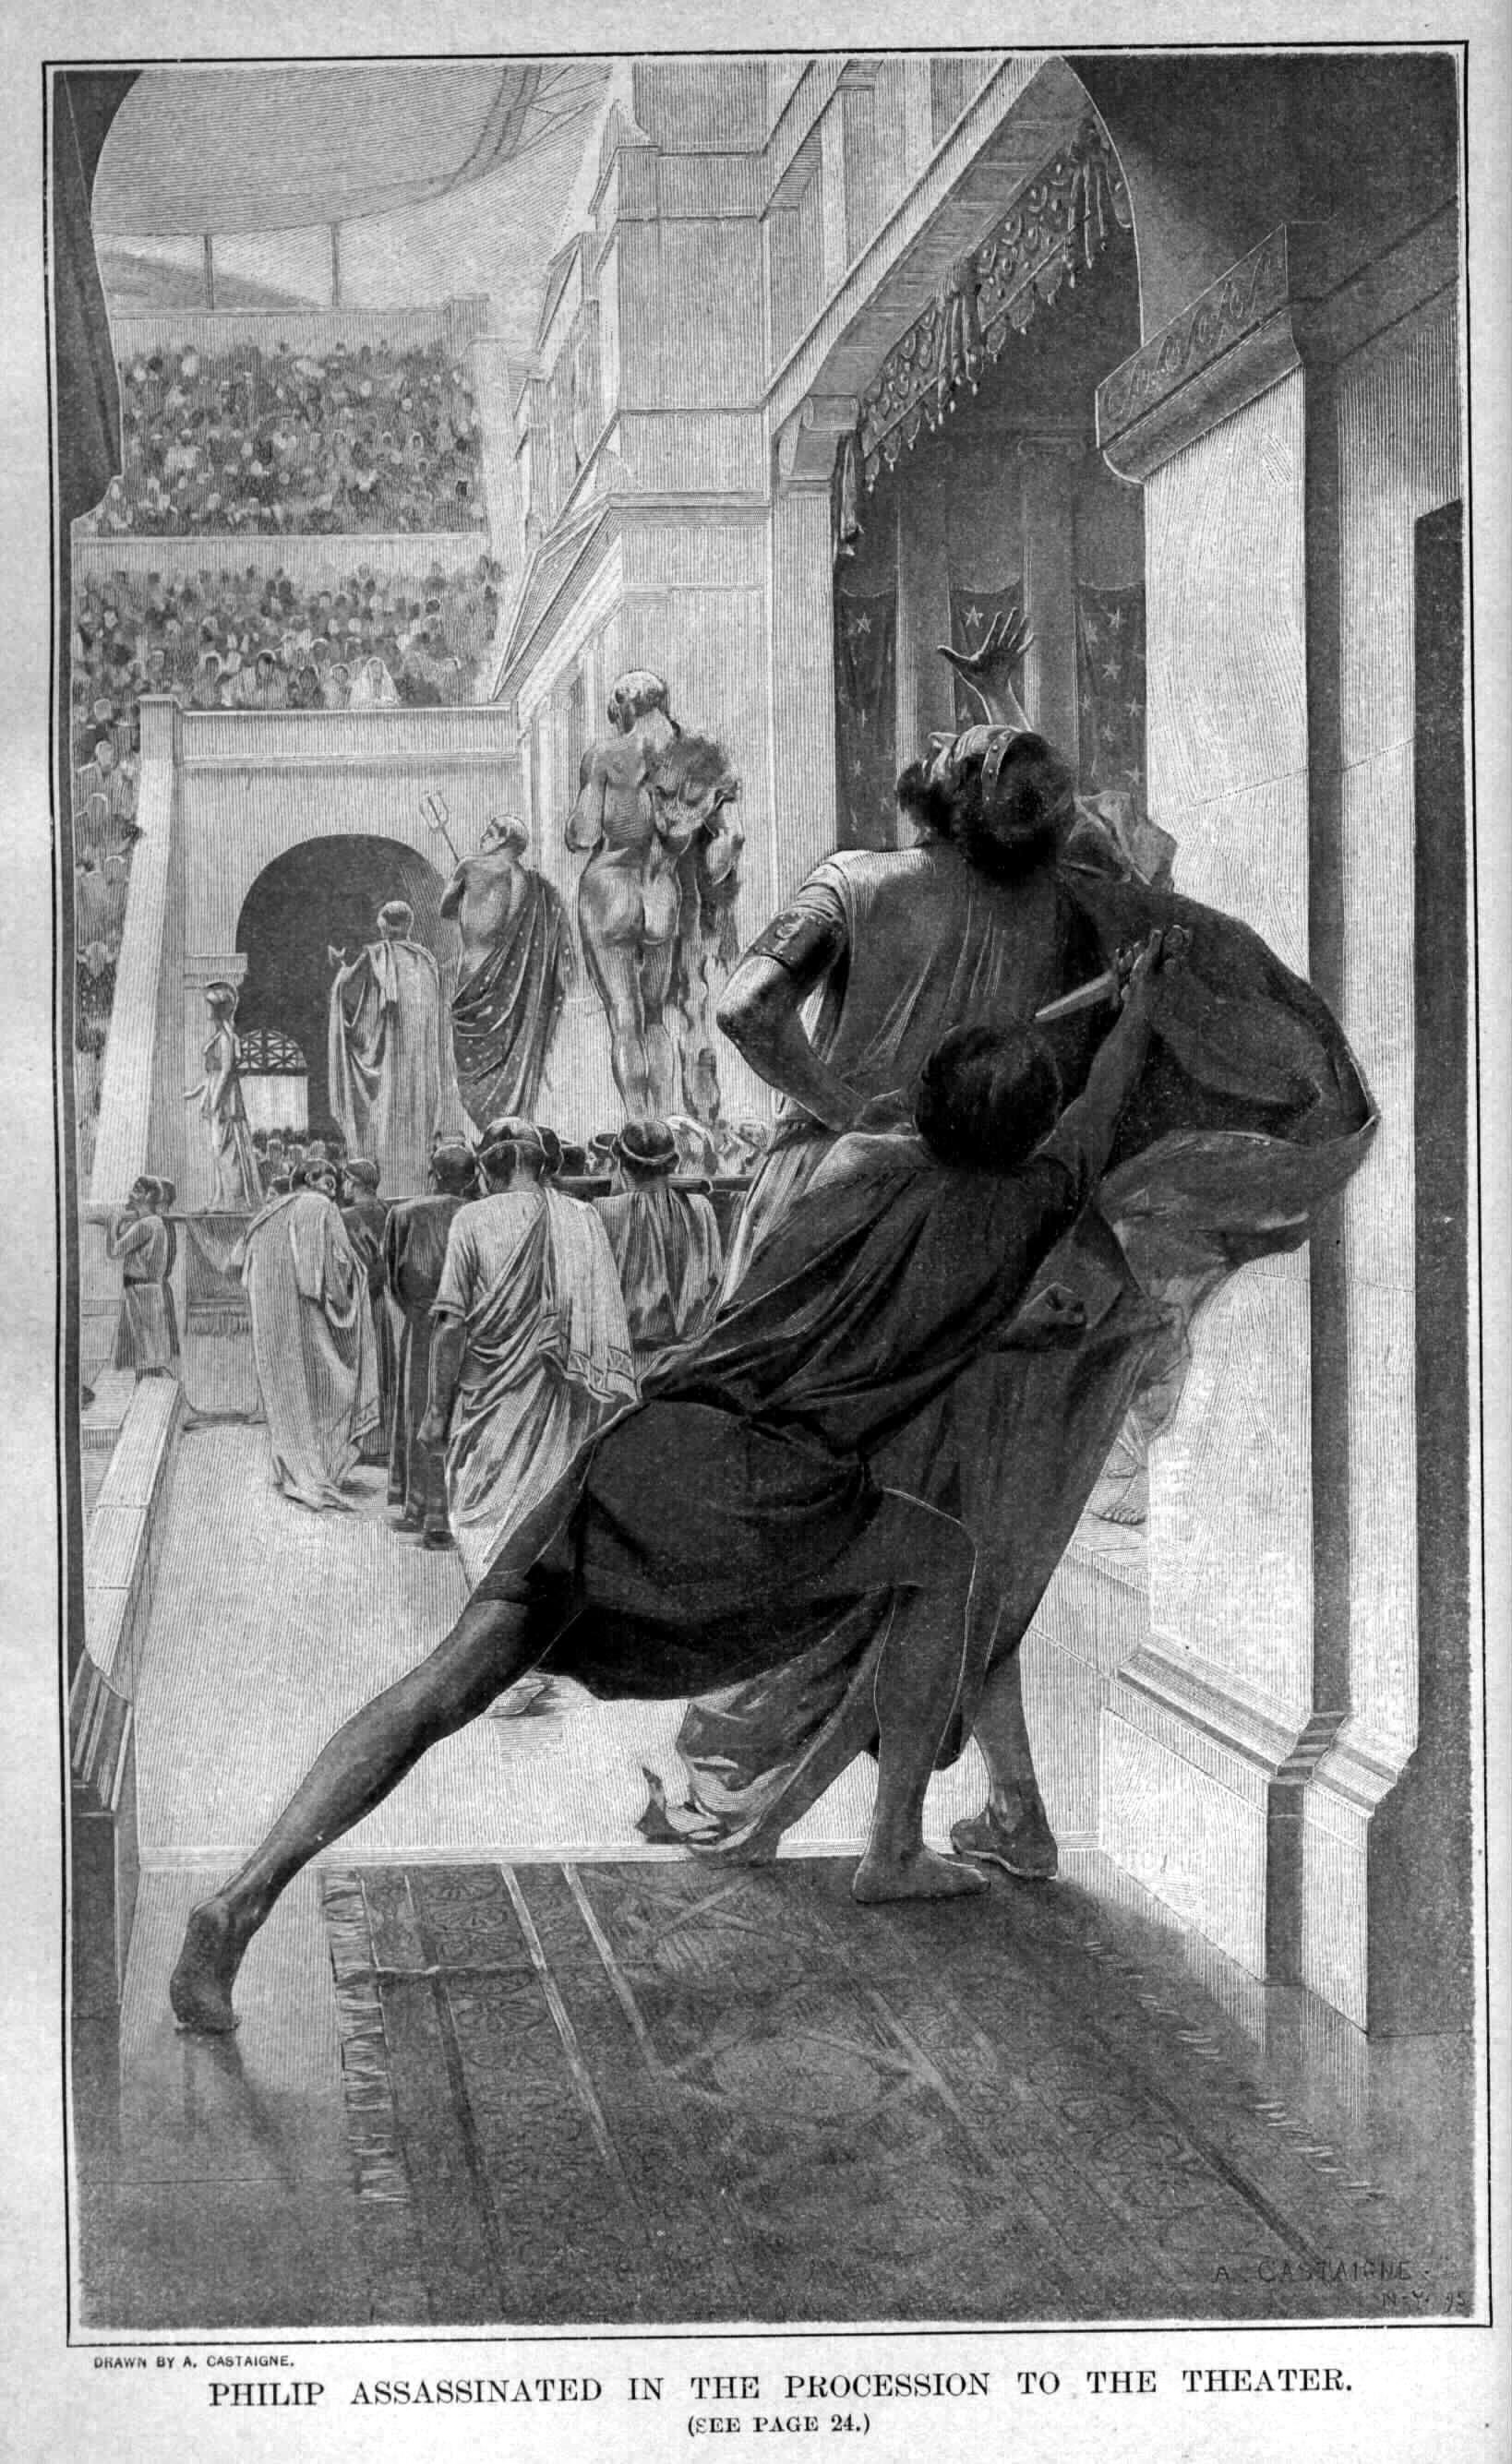 Δολοφονία του Φιλίππου από τον Παυσανία της Ορεστίδος, αναπαράσταση των τελών του 19ου αιώνα